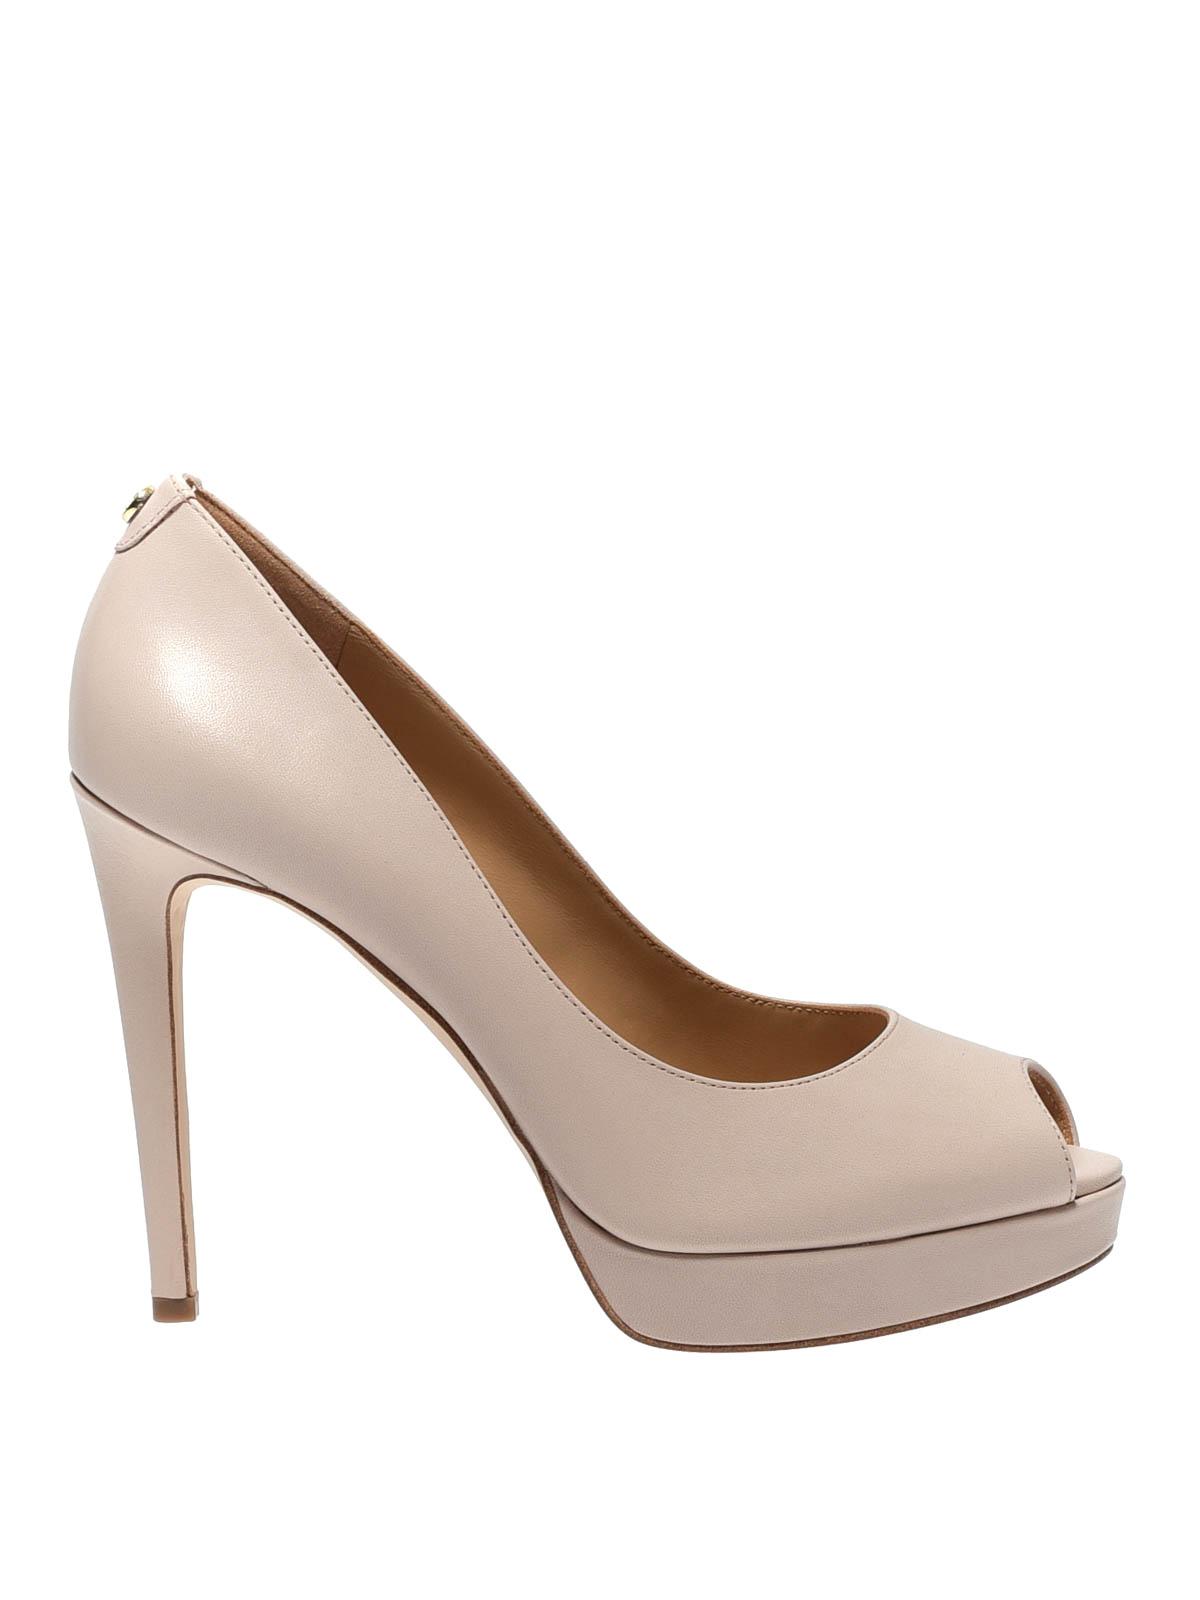 Erika pink leather peep toe platform